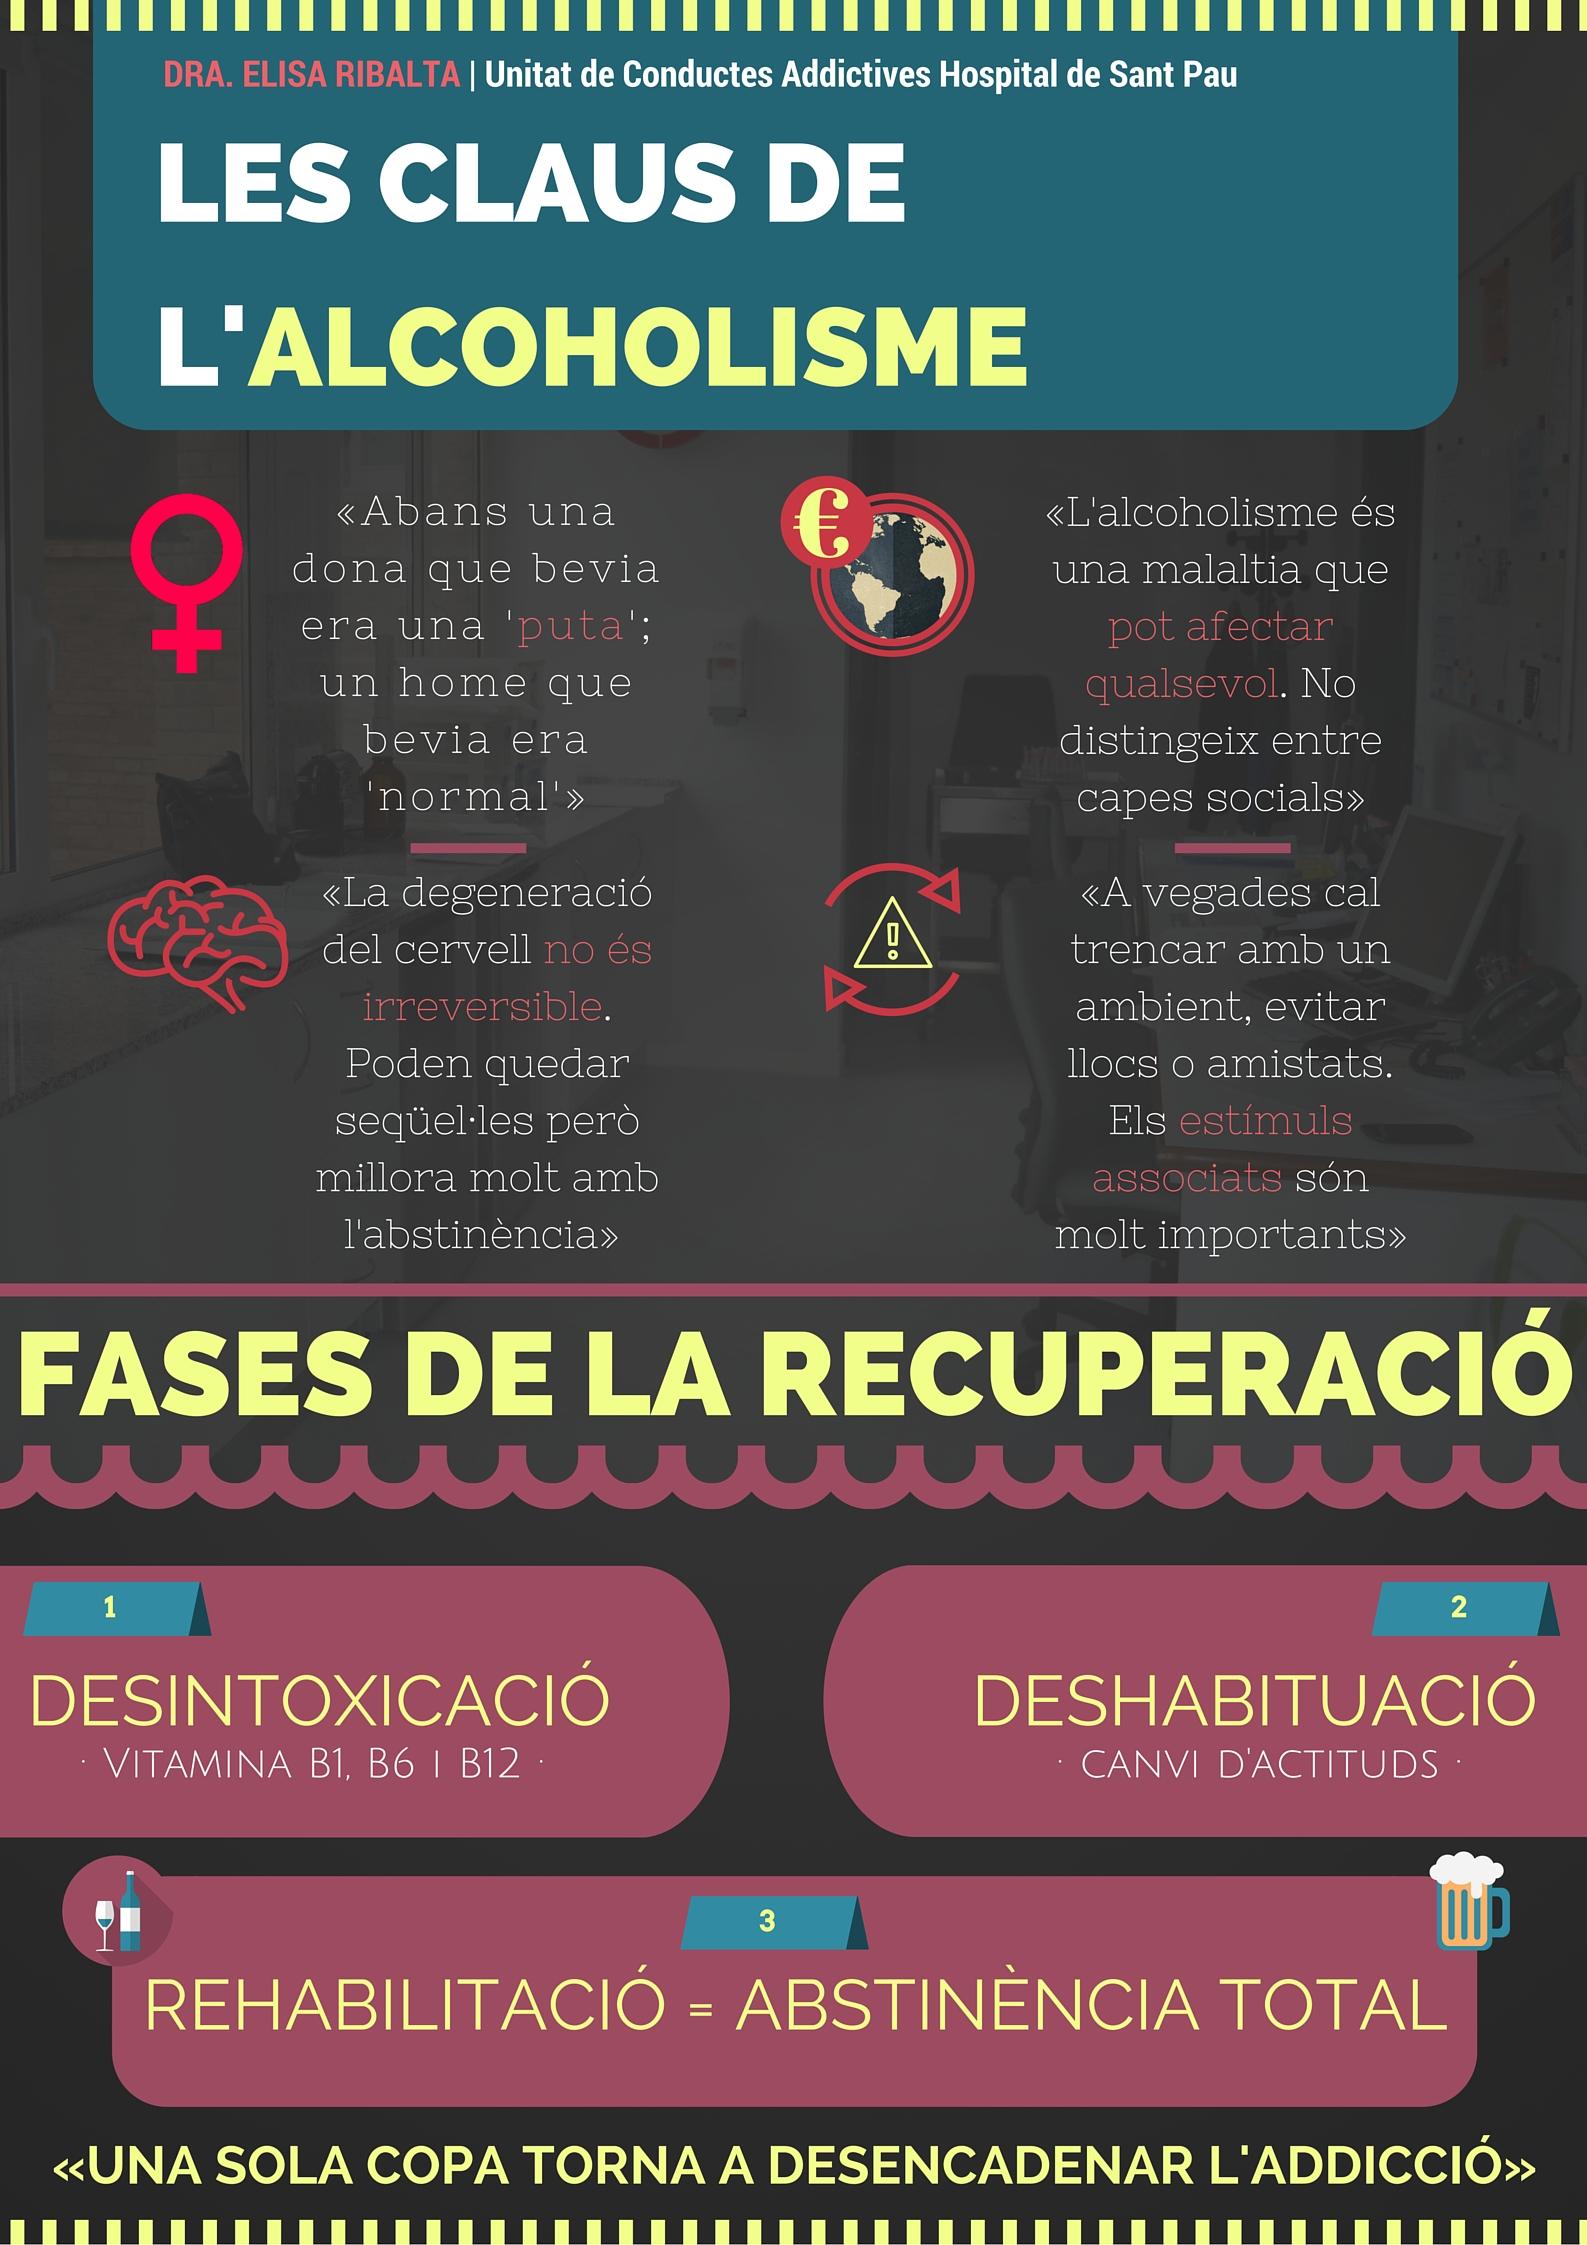 Fases de la rehabilitació (Dra. Elisa Ribalta)